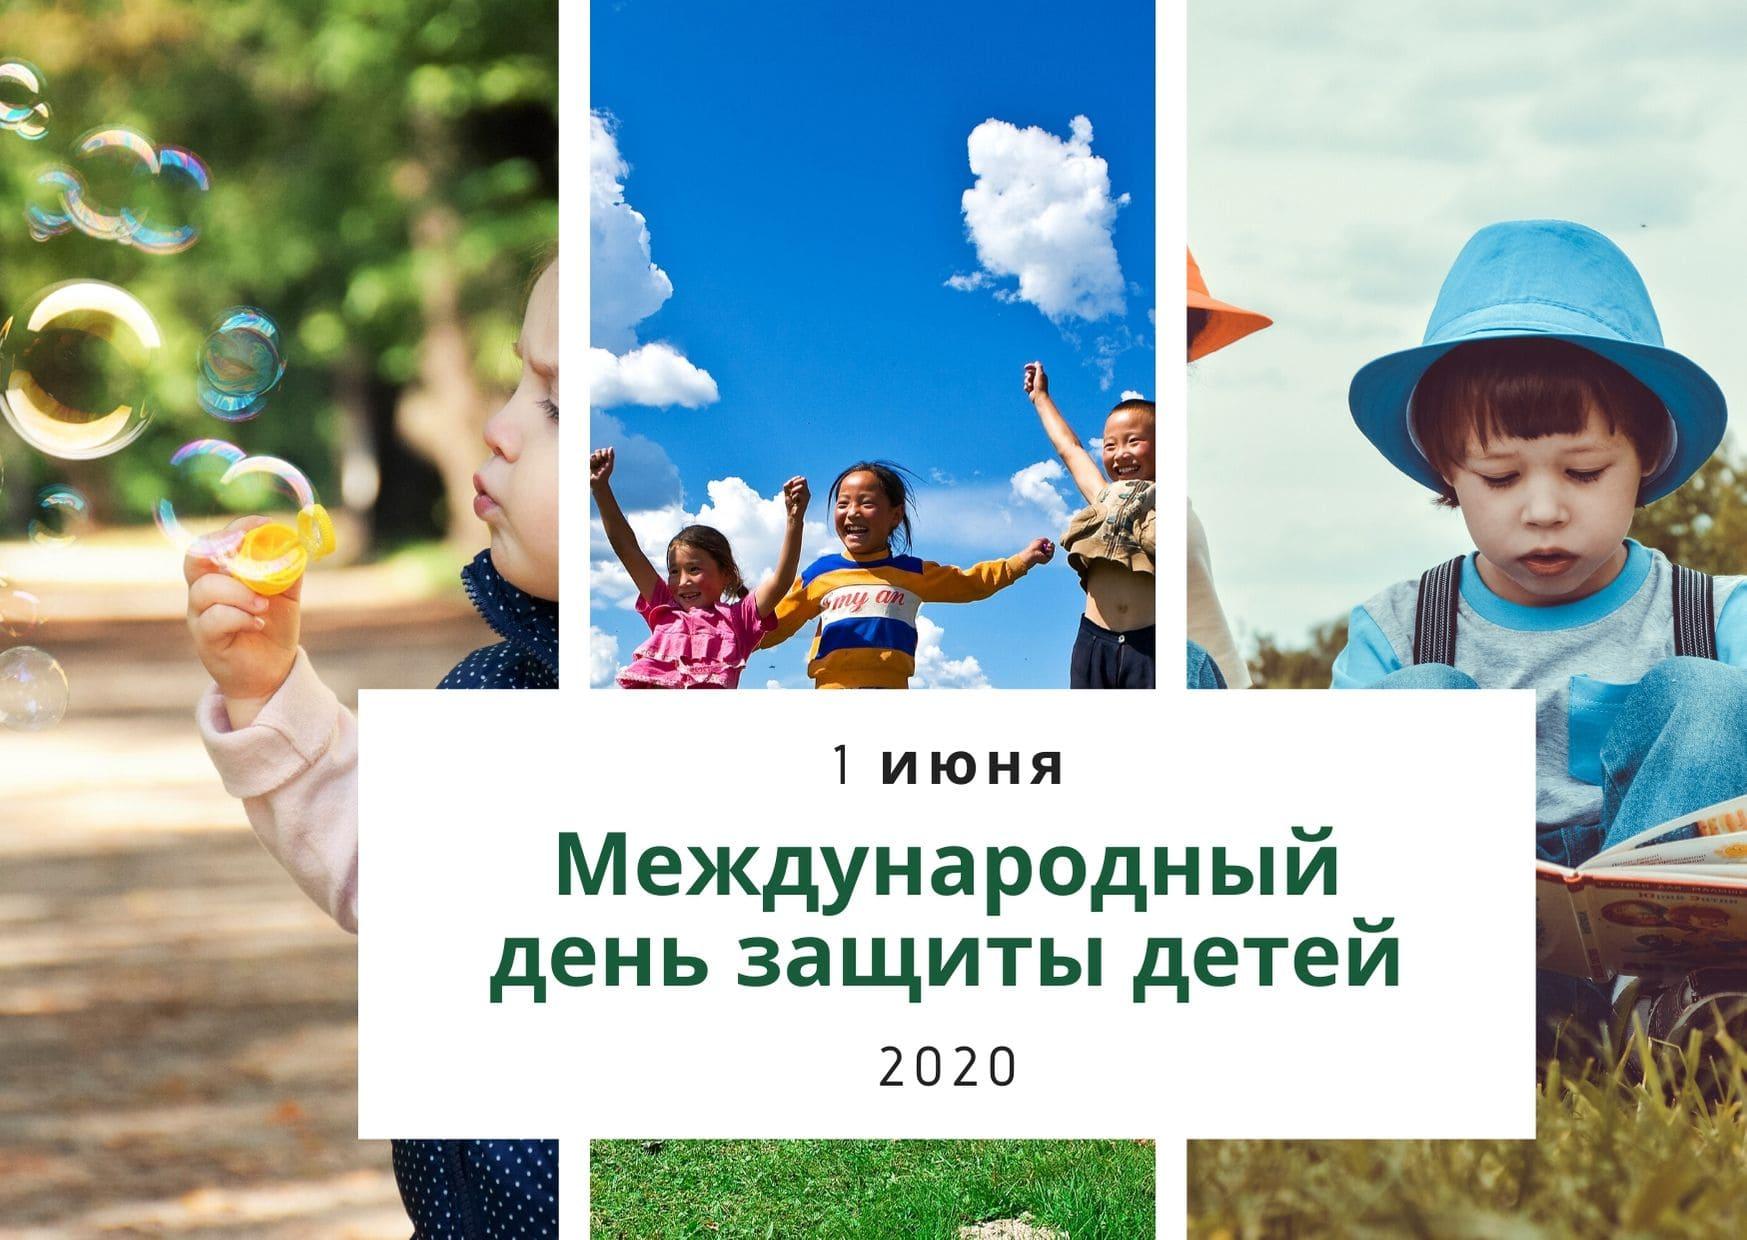 Международный день защиты детей. 1 июня 2020